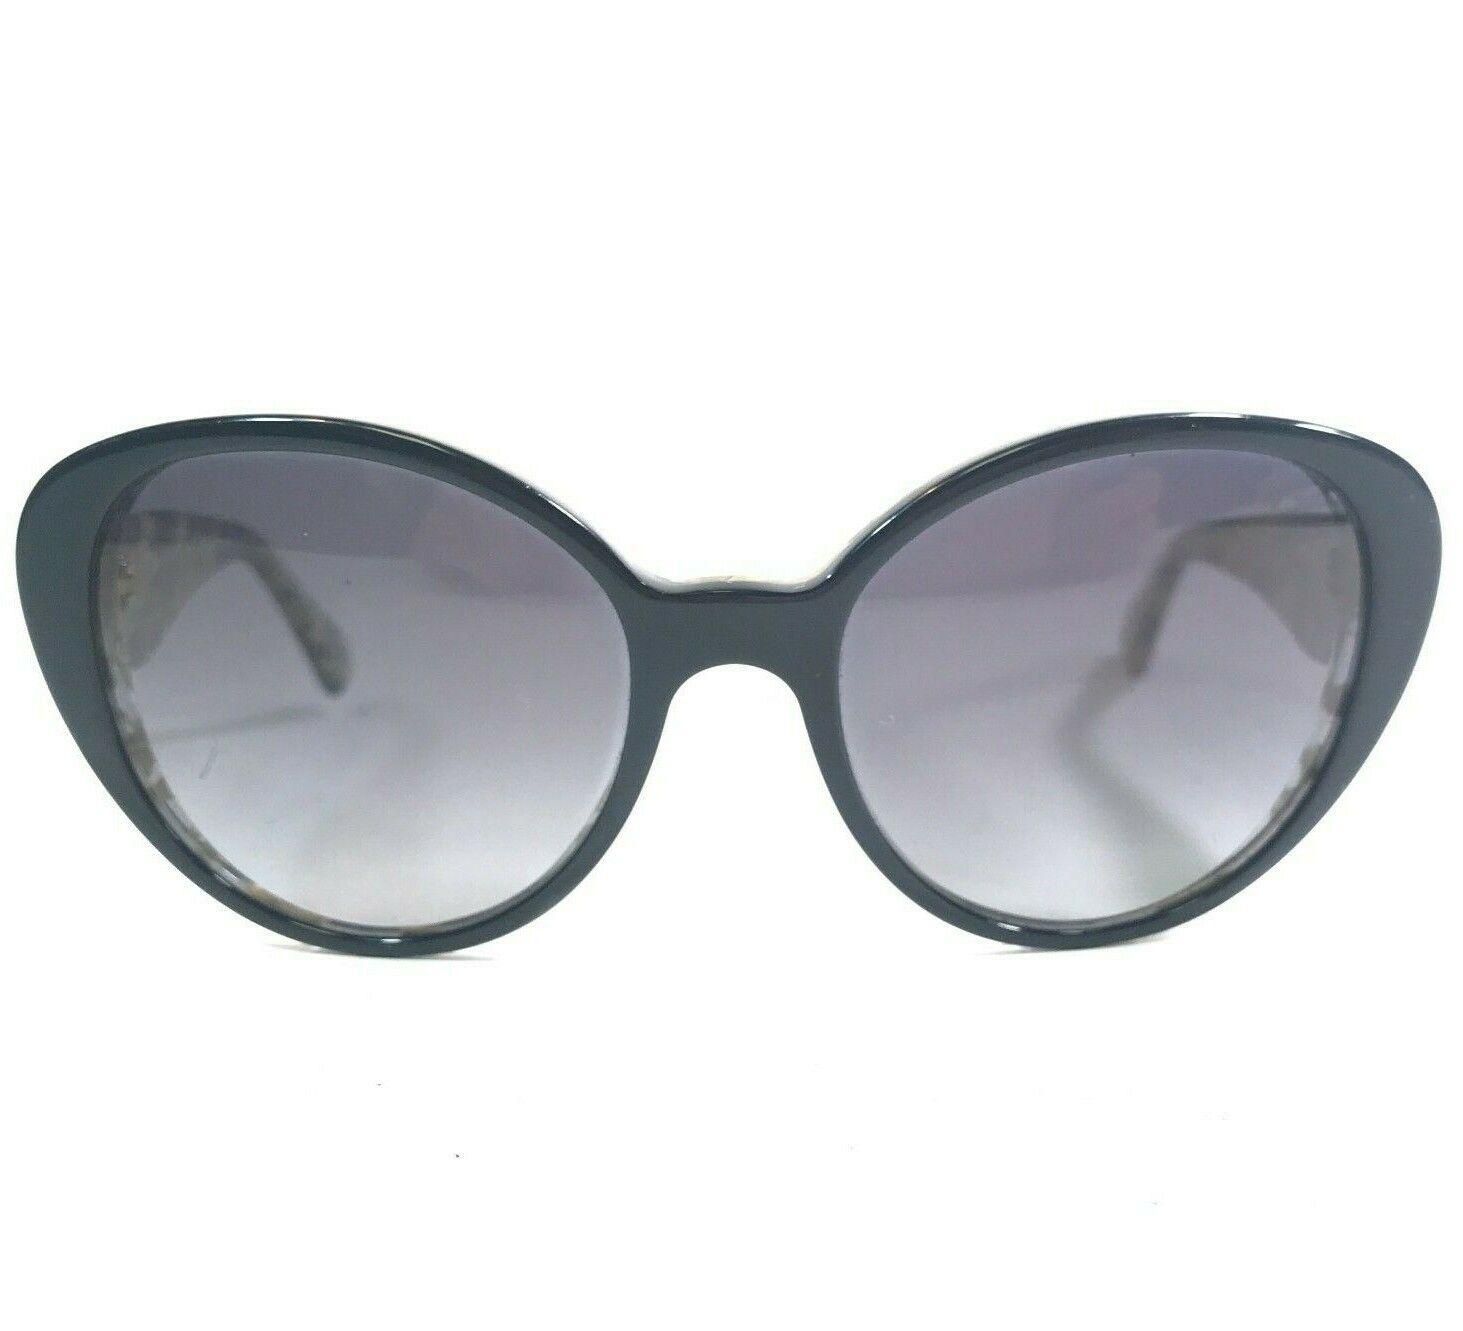 Dolce & Gabbana Sunglasses DG4198 2744/T3 Black Cat Eye Gold Frames Purple Lens